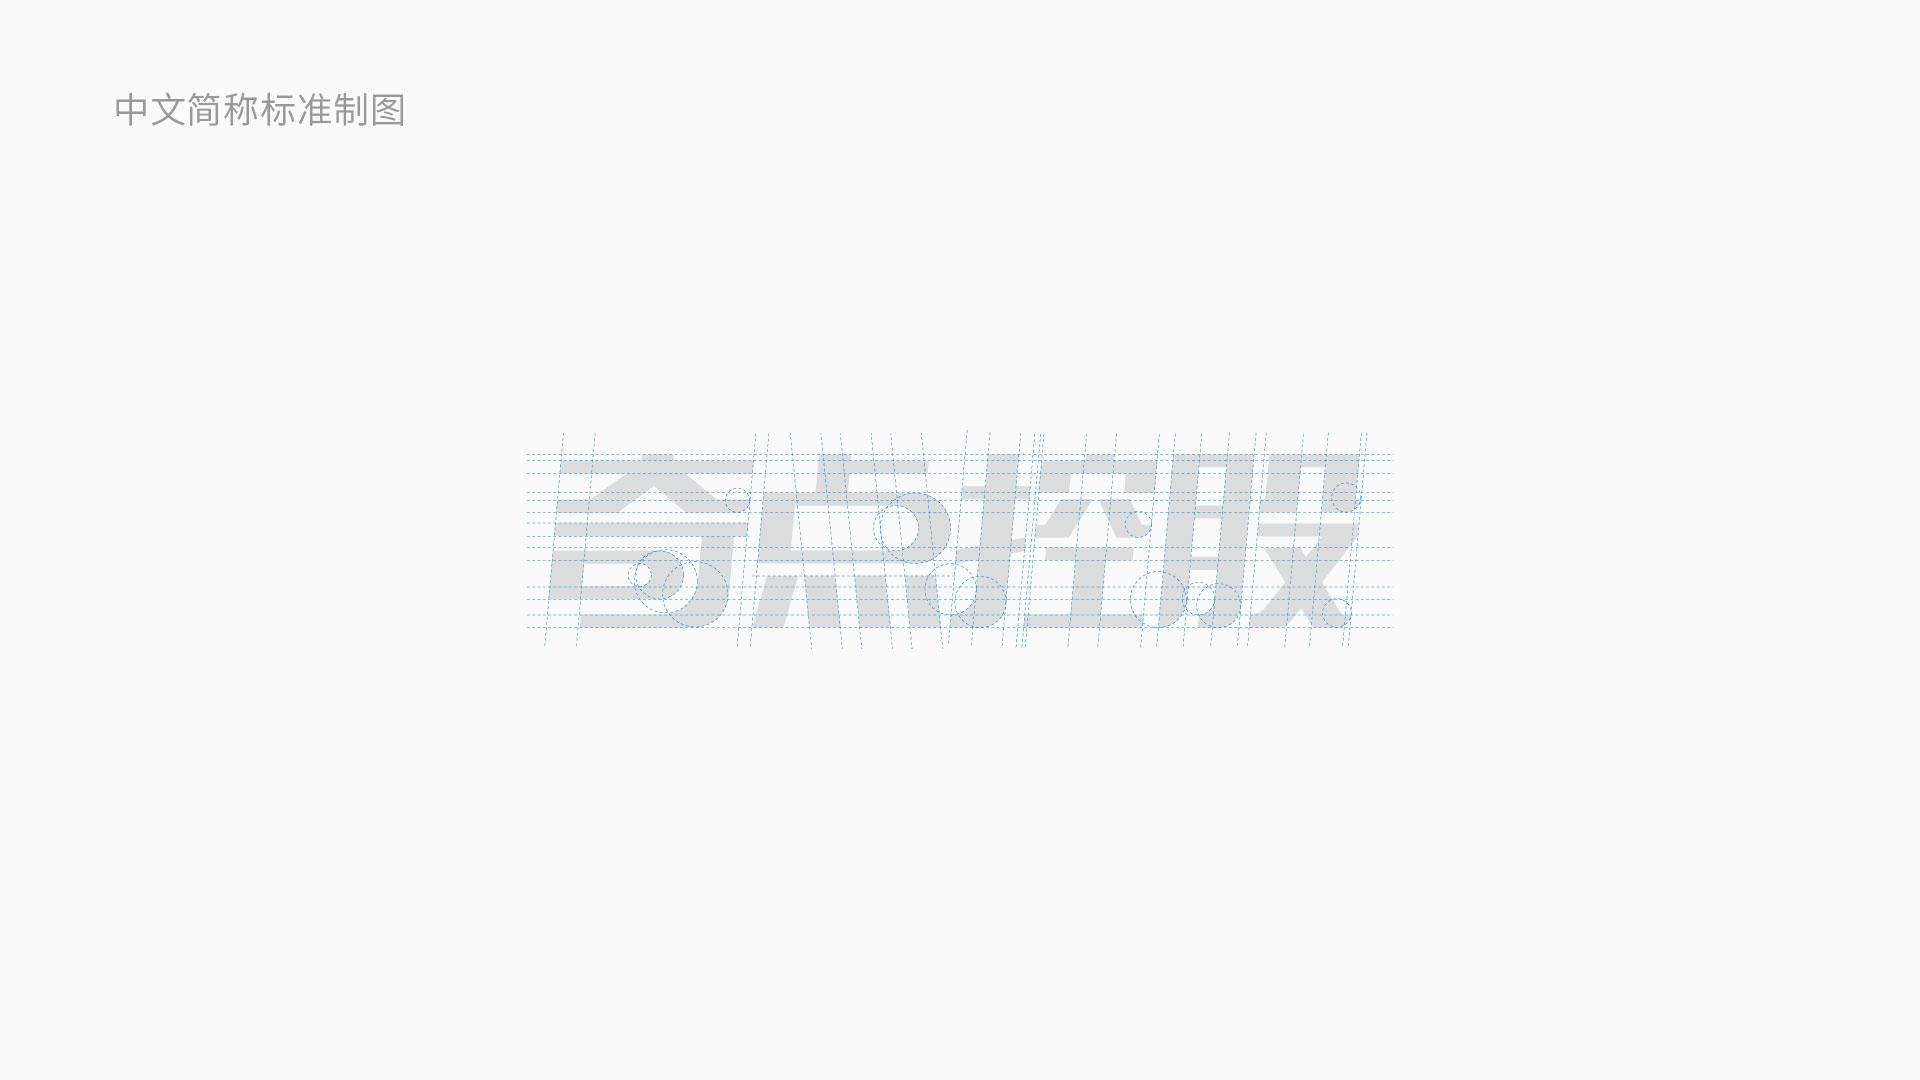 奇点控股logo中文简称标准制图